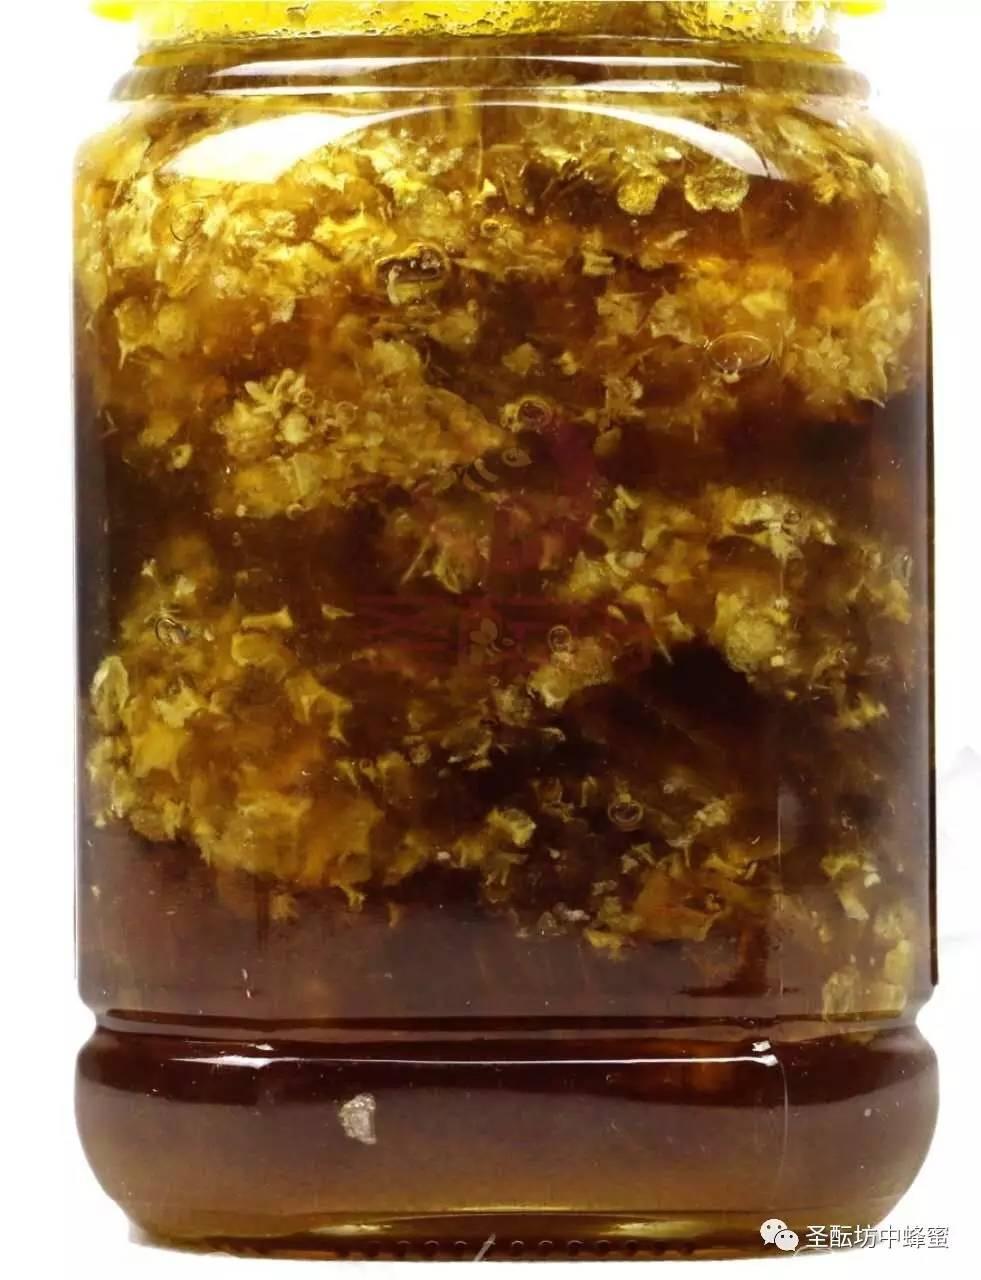 生姜蜂蜜水的作用 红糖面膜 蜂蜜壮阳 检验 蜂蜜哪种牌子好